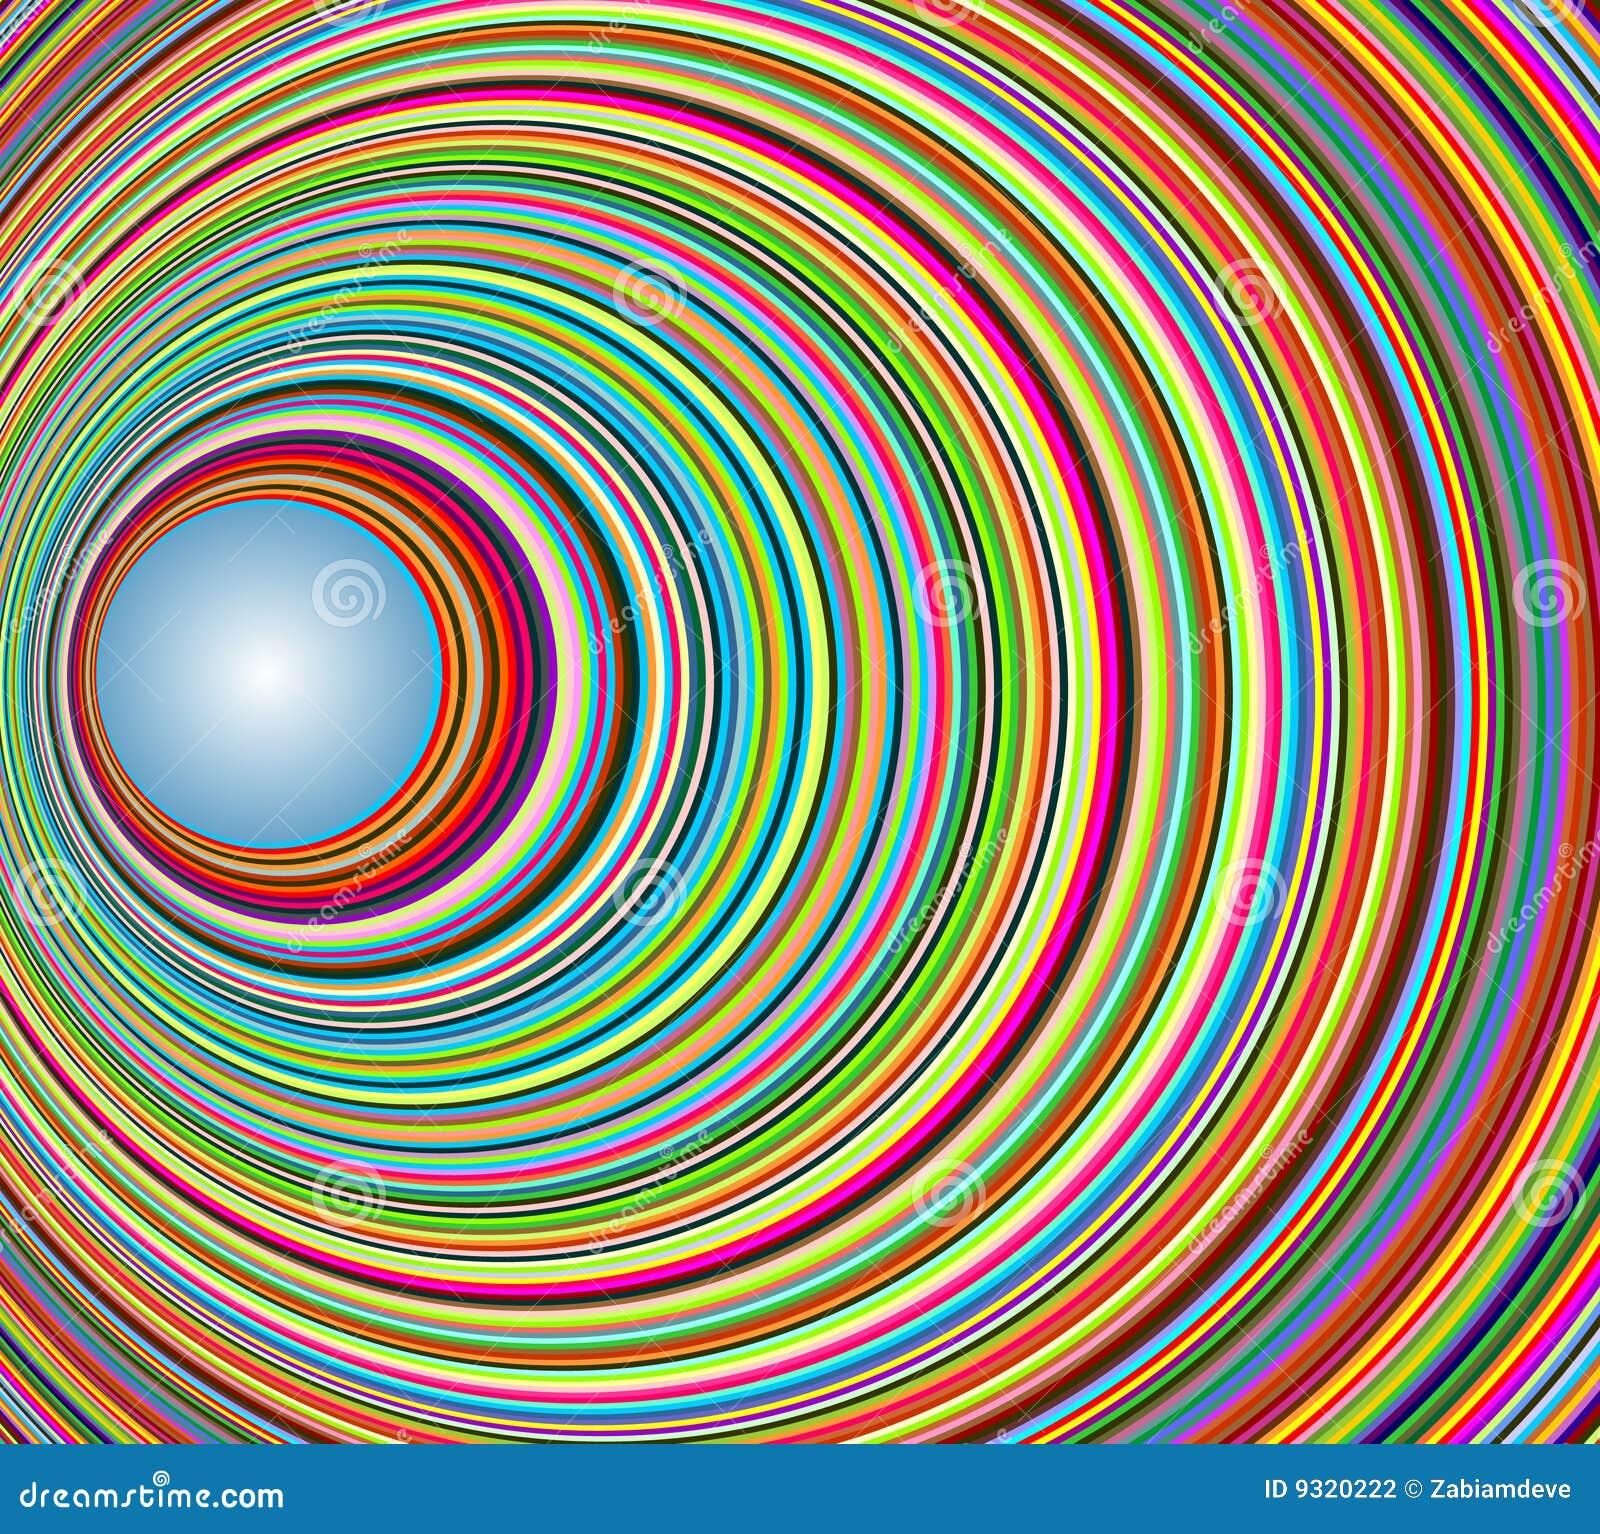 Abstracte kleurrijke tunnel met cirkels